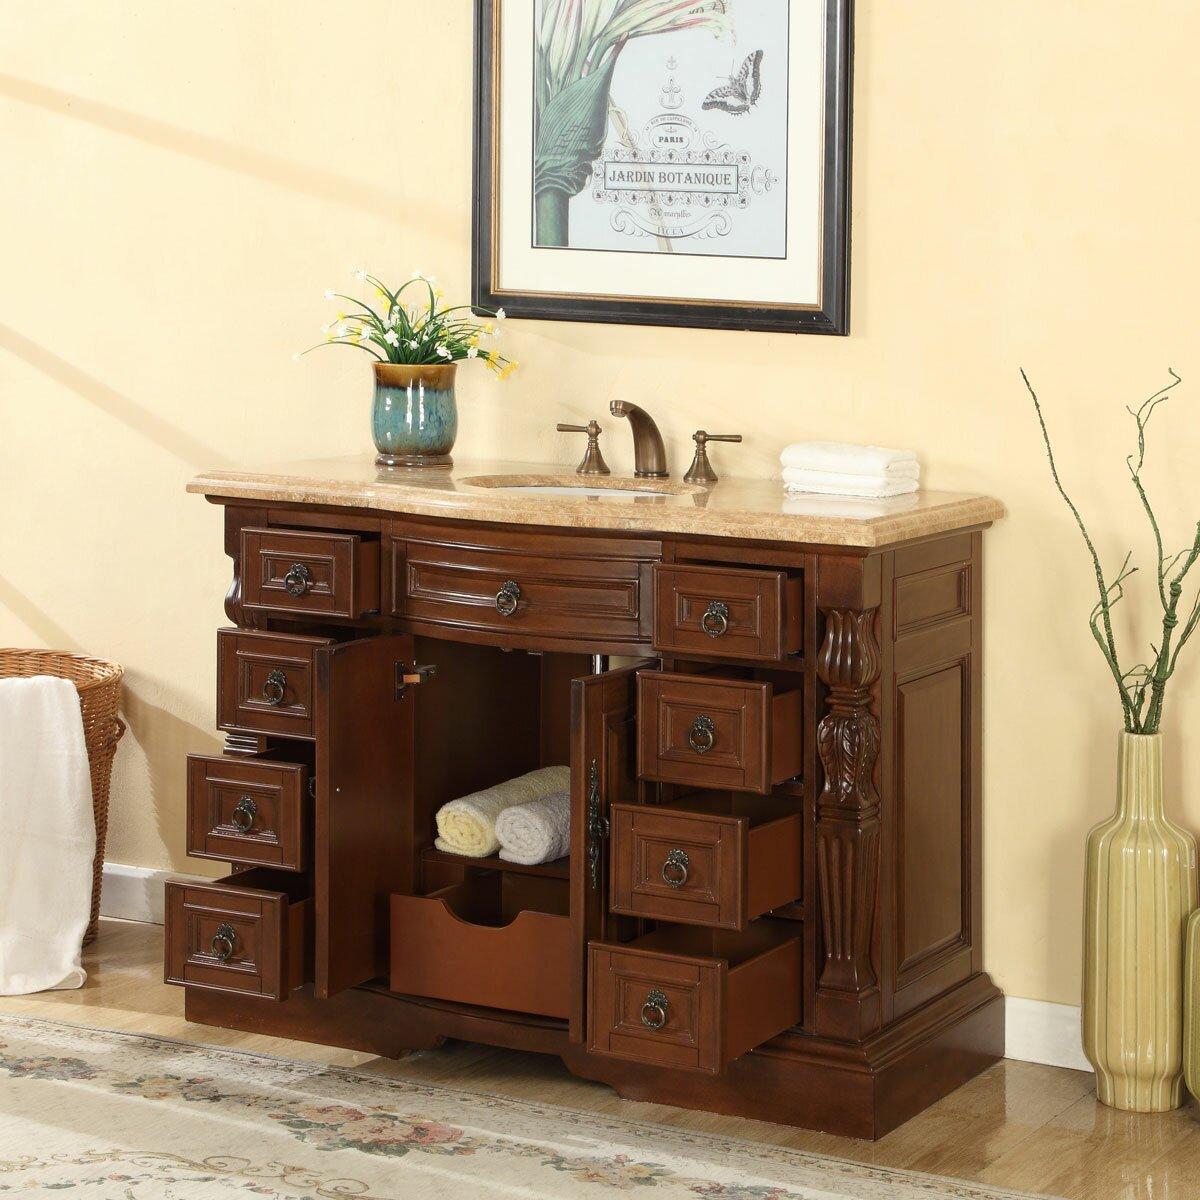 Silkroad Exclusive 48 Single Sink Bathroom Vanity Set Reviews Wayfair